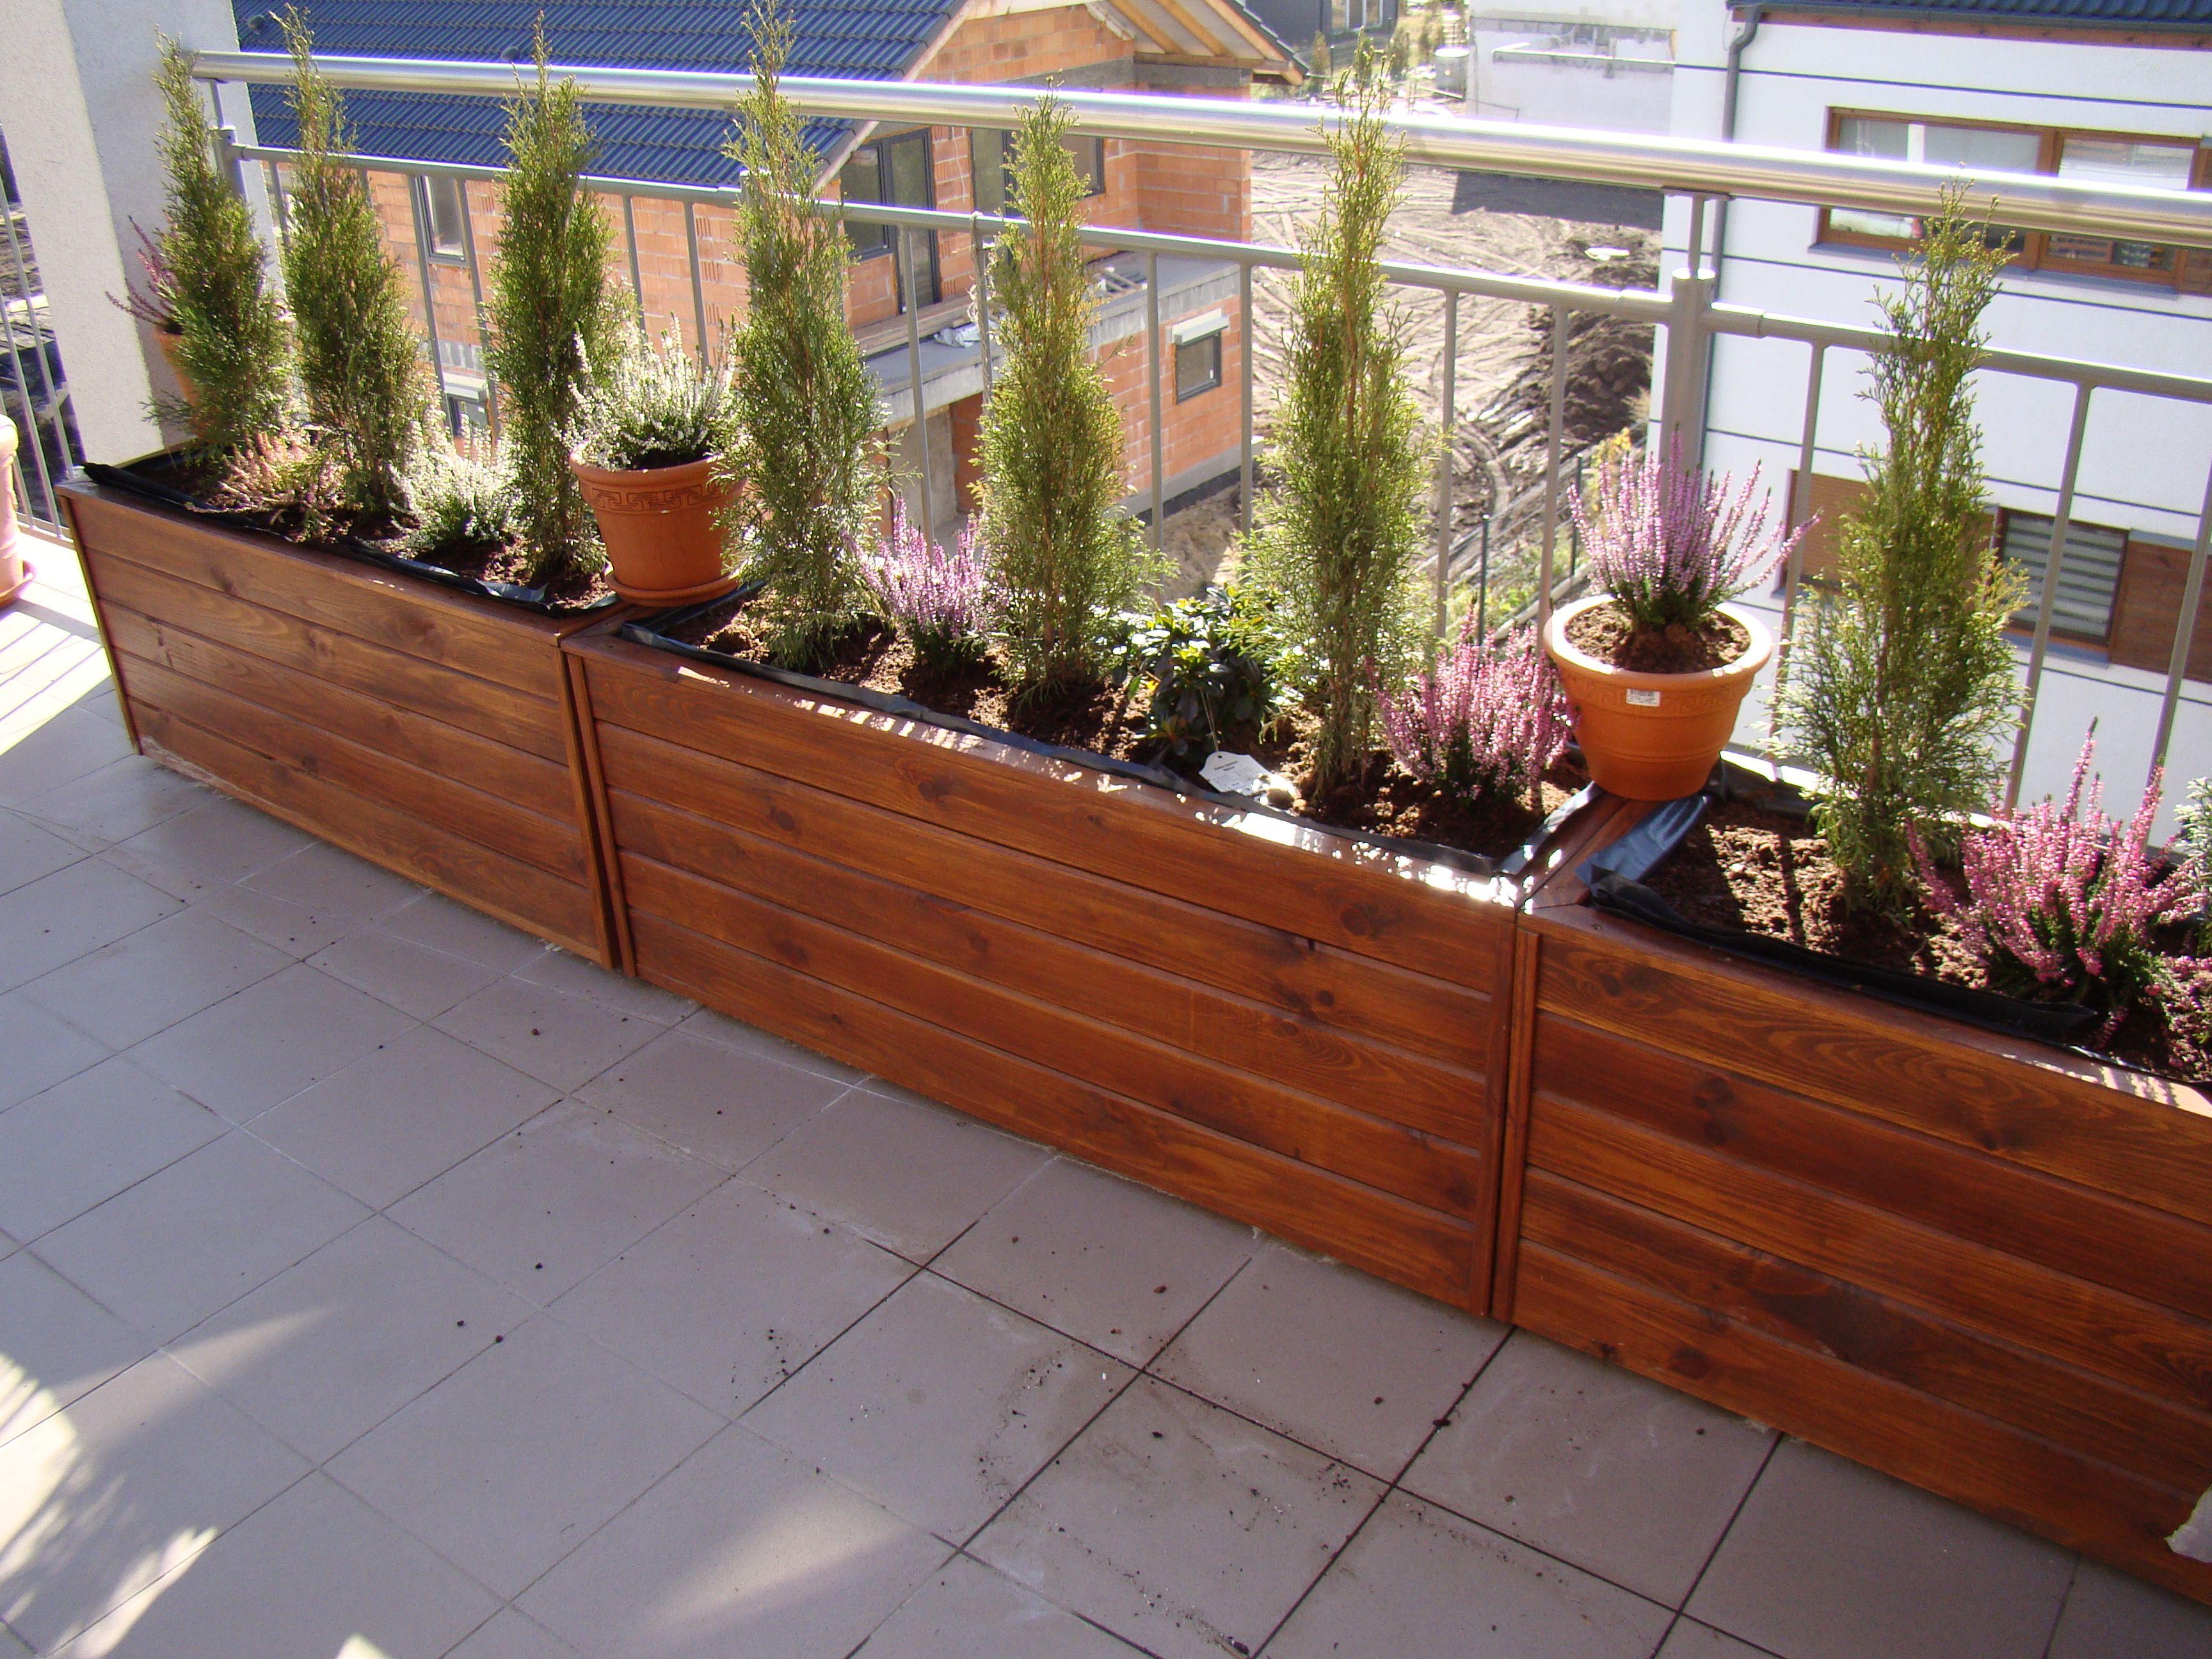 Drewniane Donice Skrzynie Wykonawstwo Www Meblesadowscy Pl House Plants Decor Plant Decor Plants